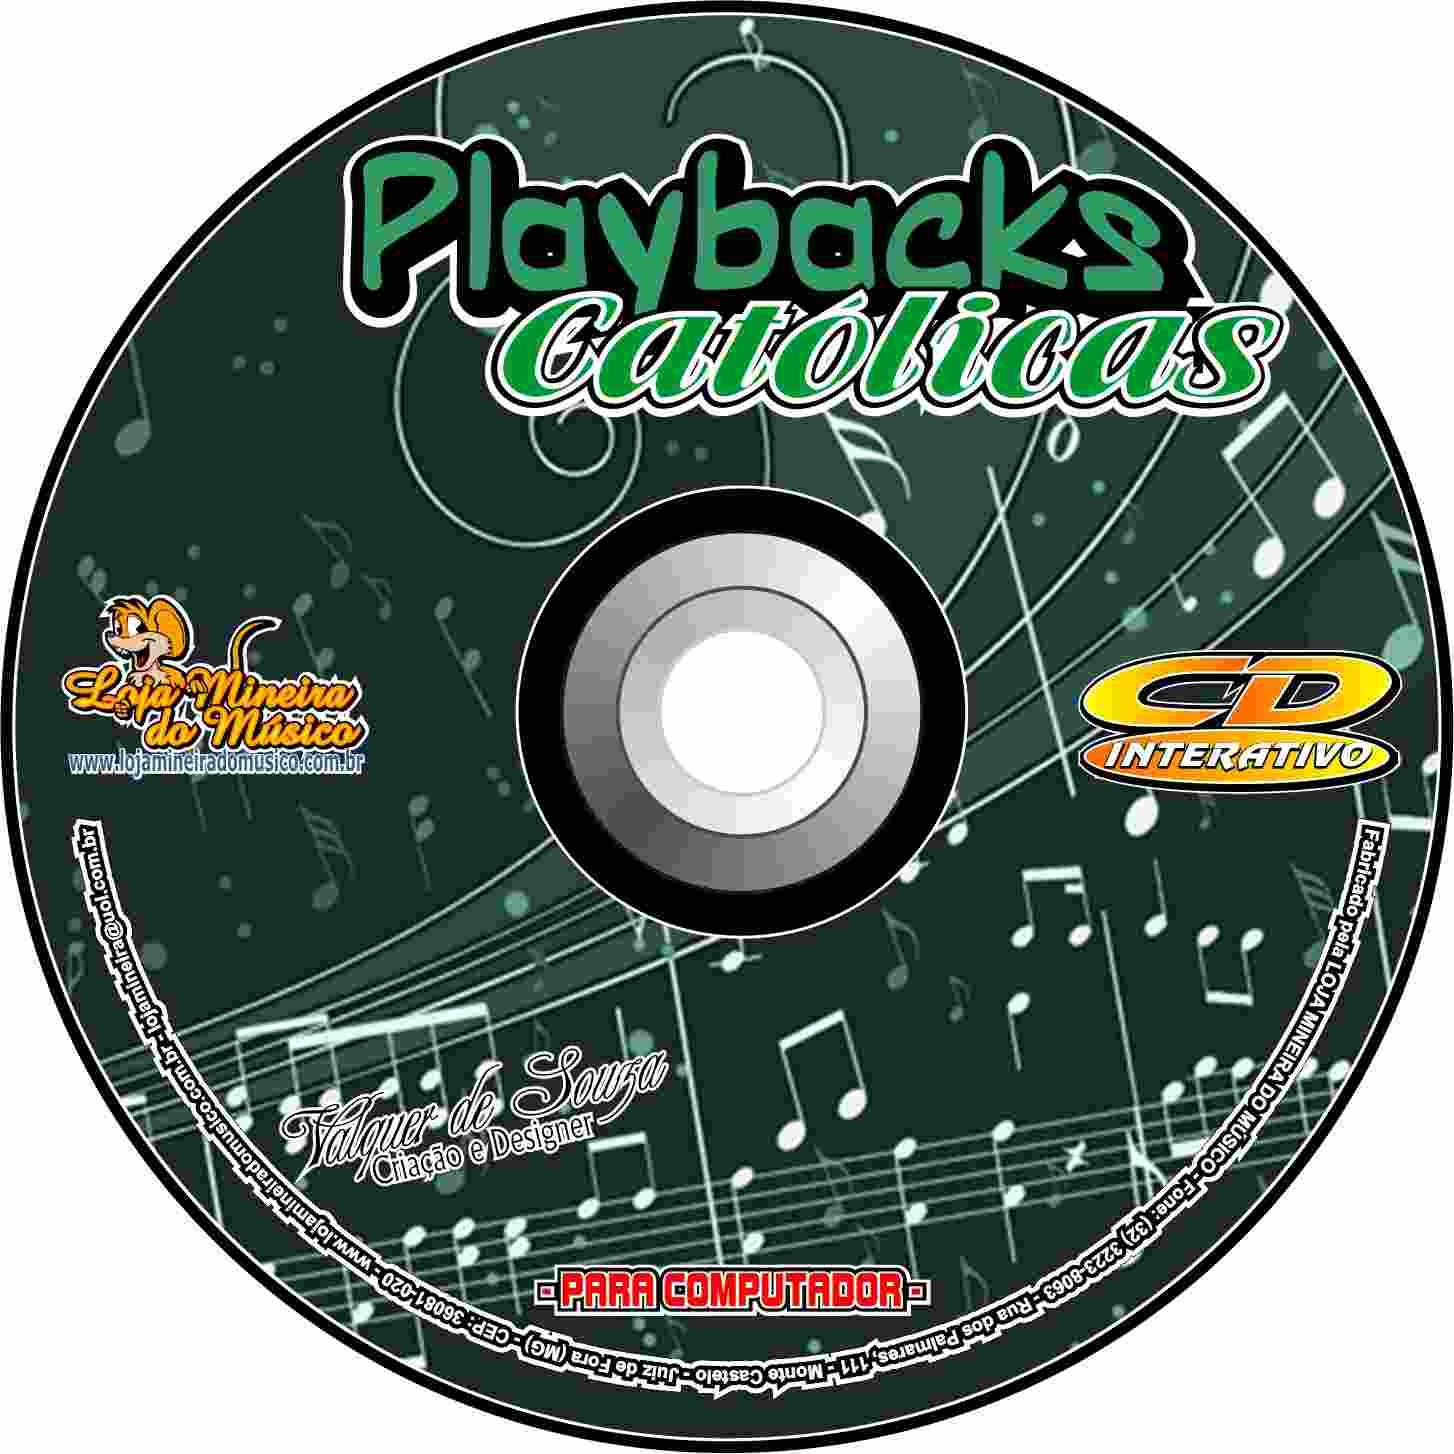 playbacks católicos originais  karaoke catolico para missa  playback vida reluz  site para baixar playback  playback comunidade shalom  musicas catolicas  playback sacramento da comunhão  playback de todas as músicas